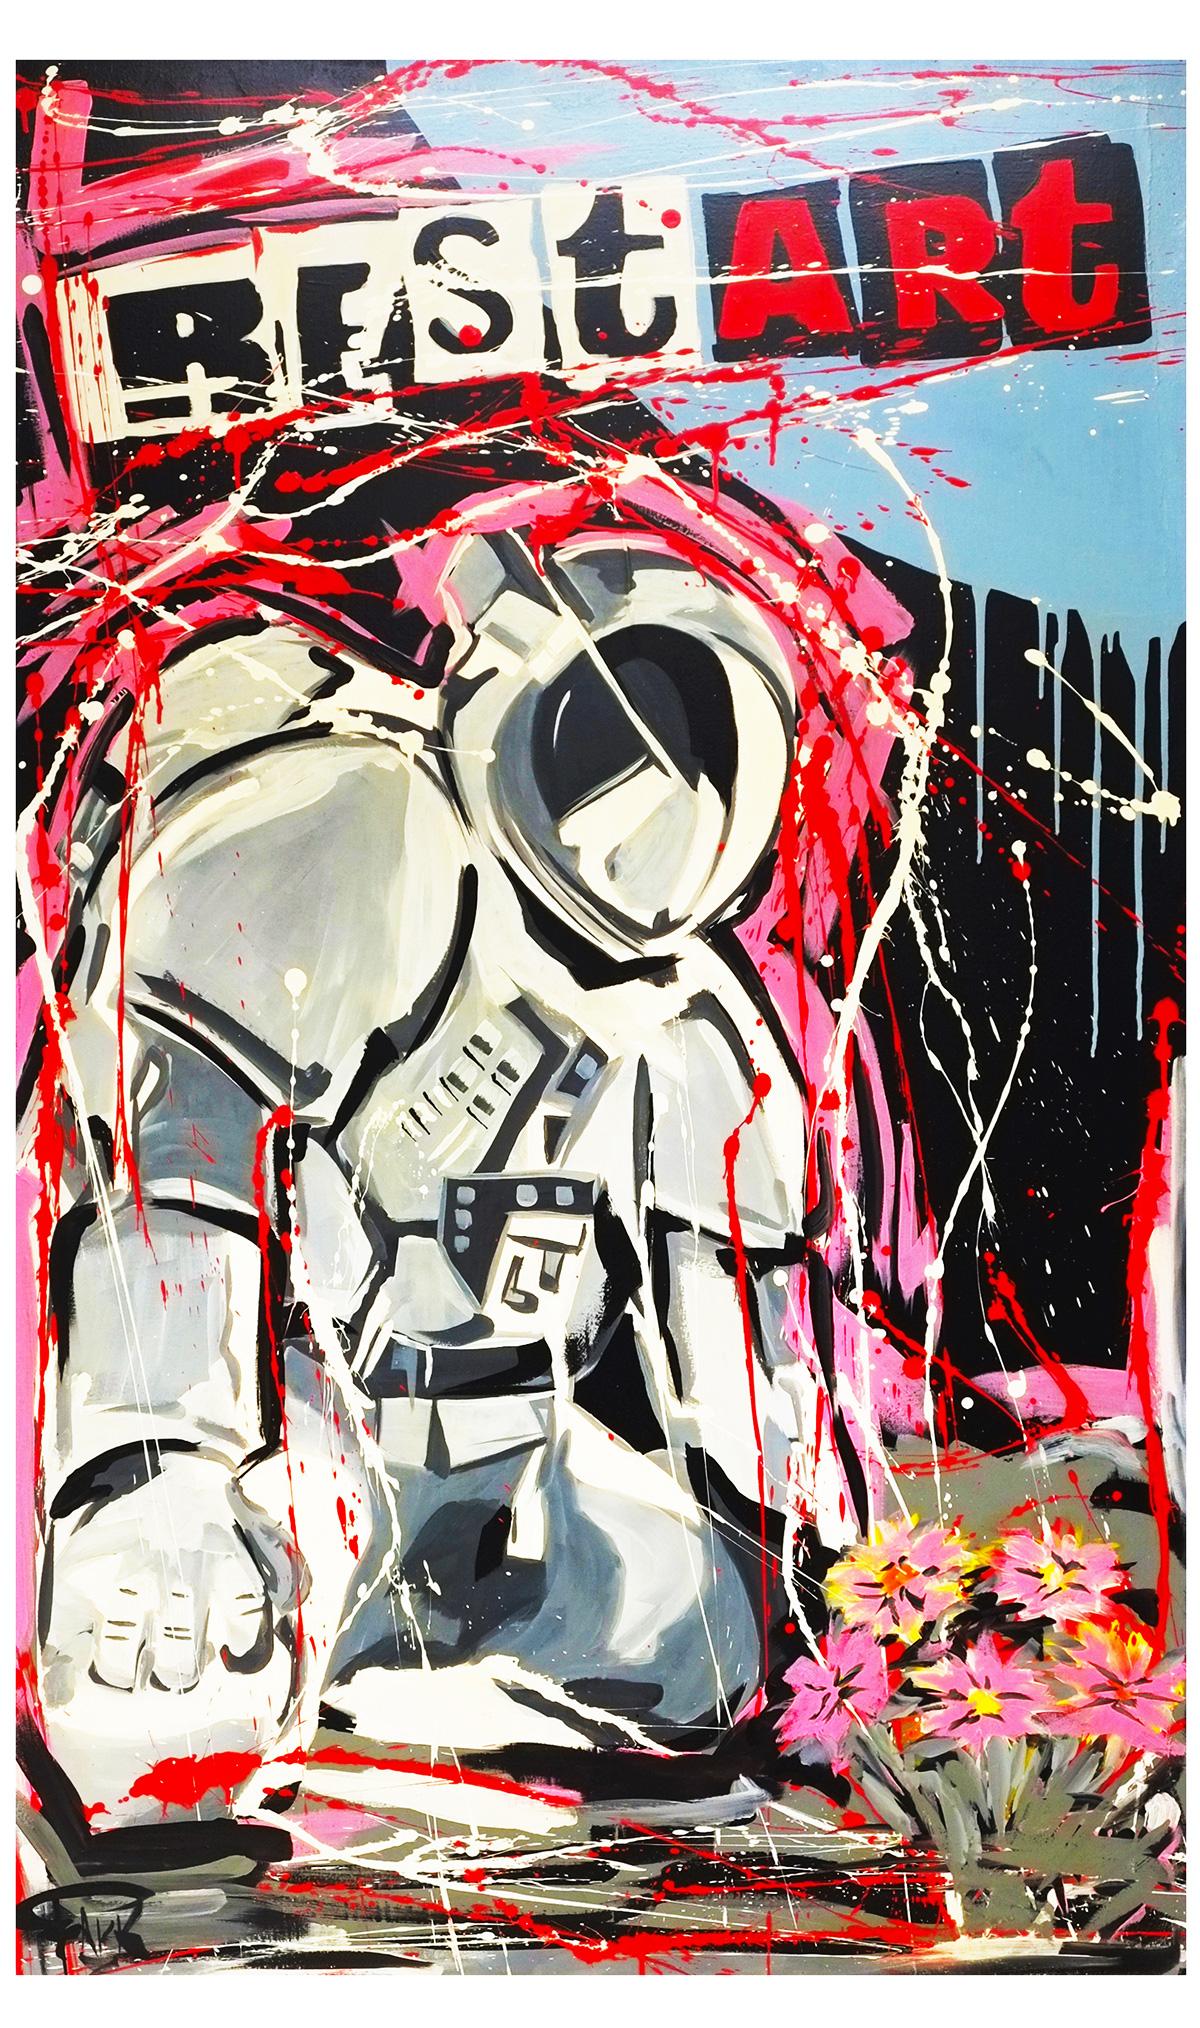 Astronaut_Restart